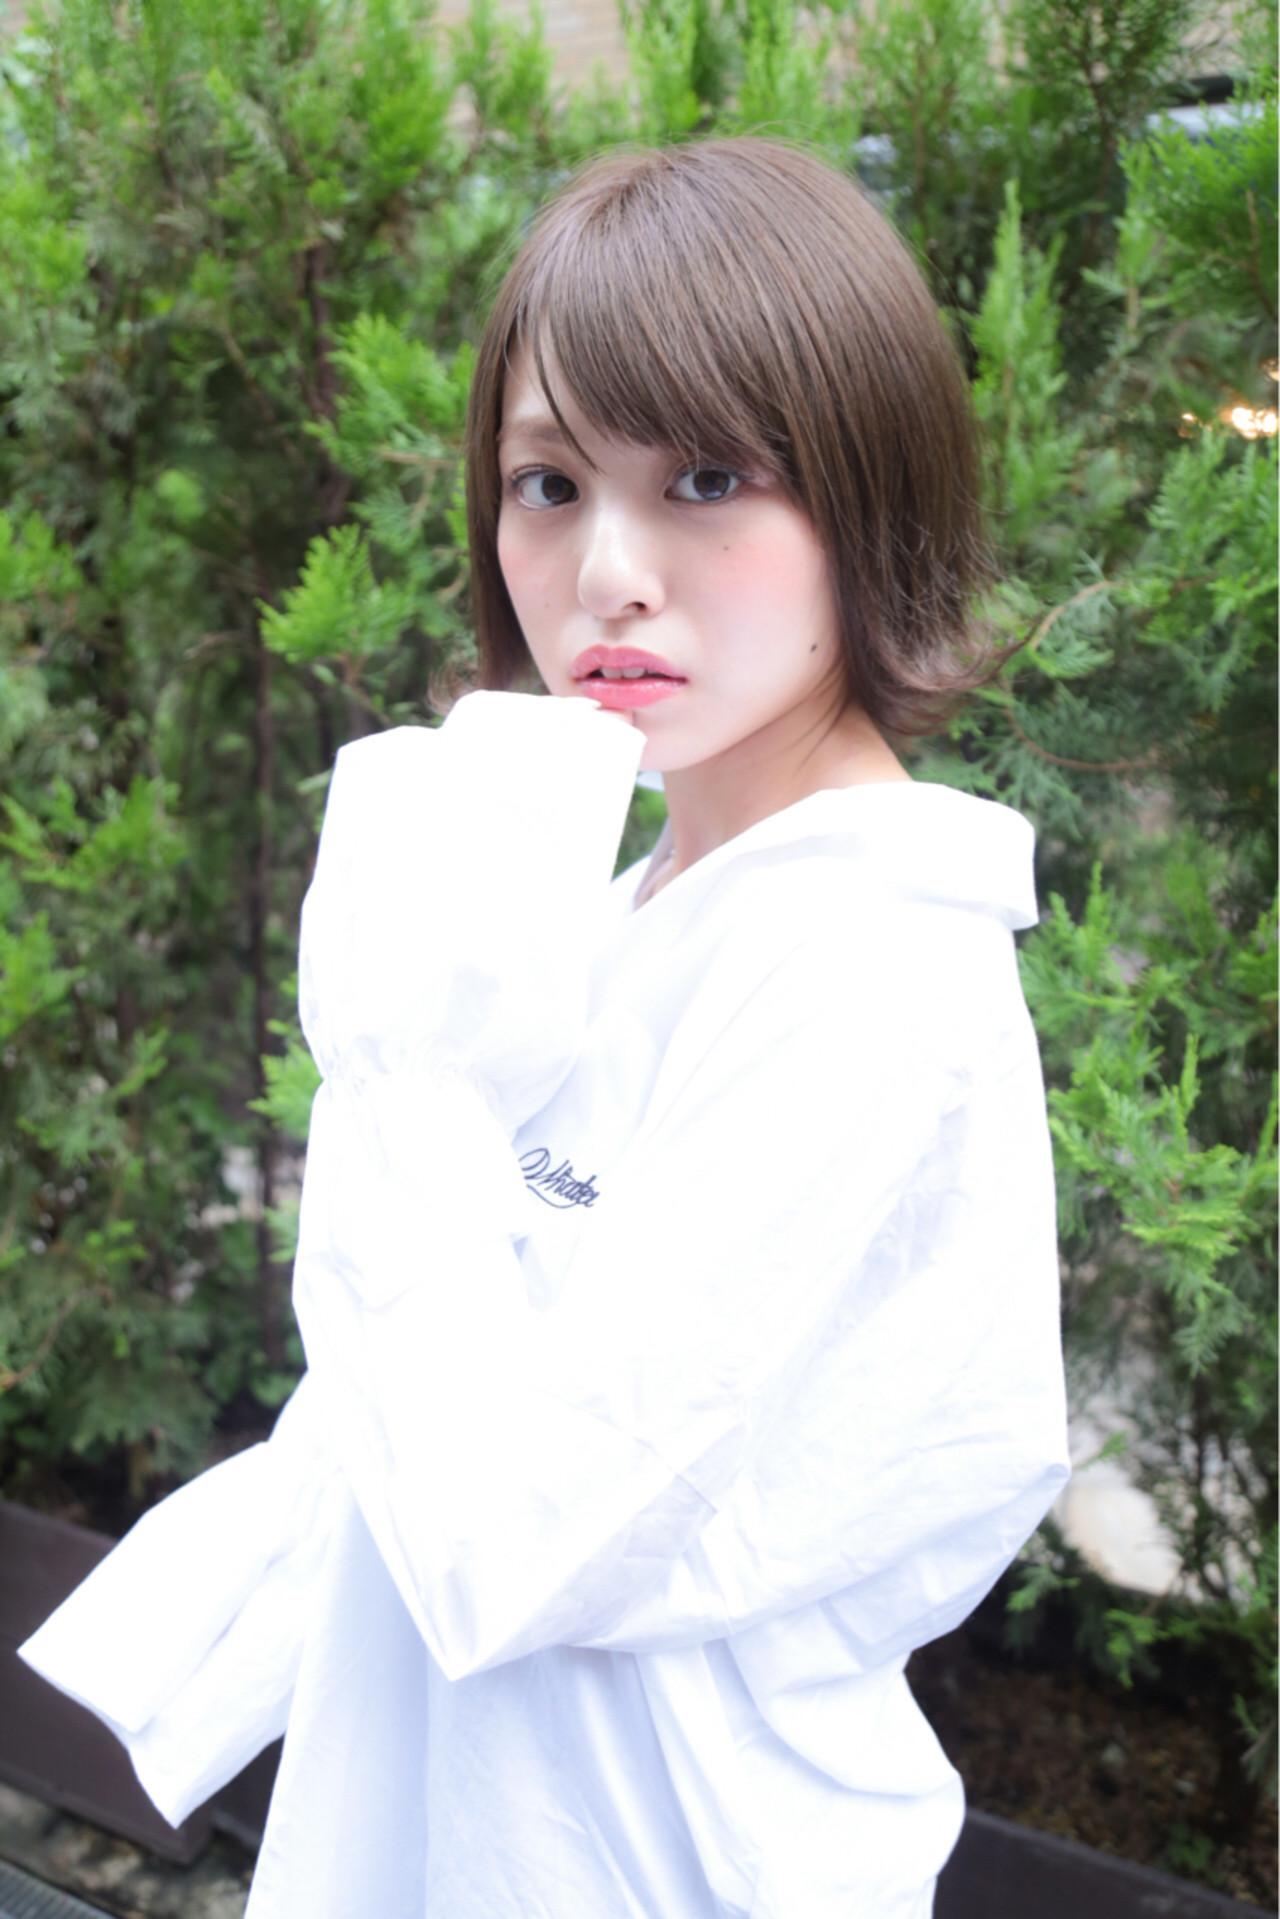 フェミニン 秋 冬 グレージュ ヘアスタイルや髪型の写真・画像 | 水野翔之 / freelance